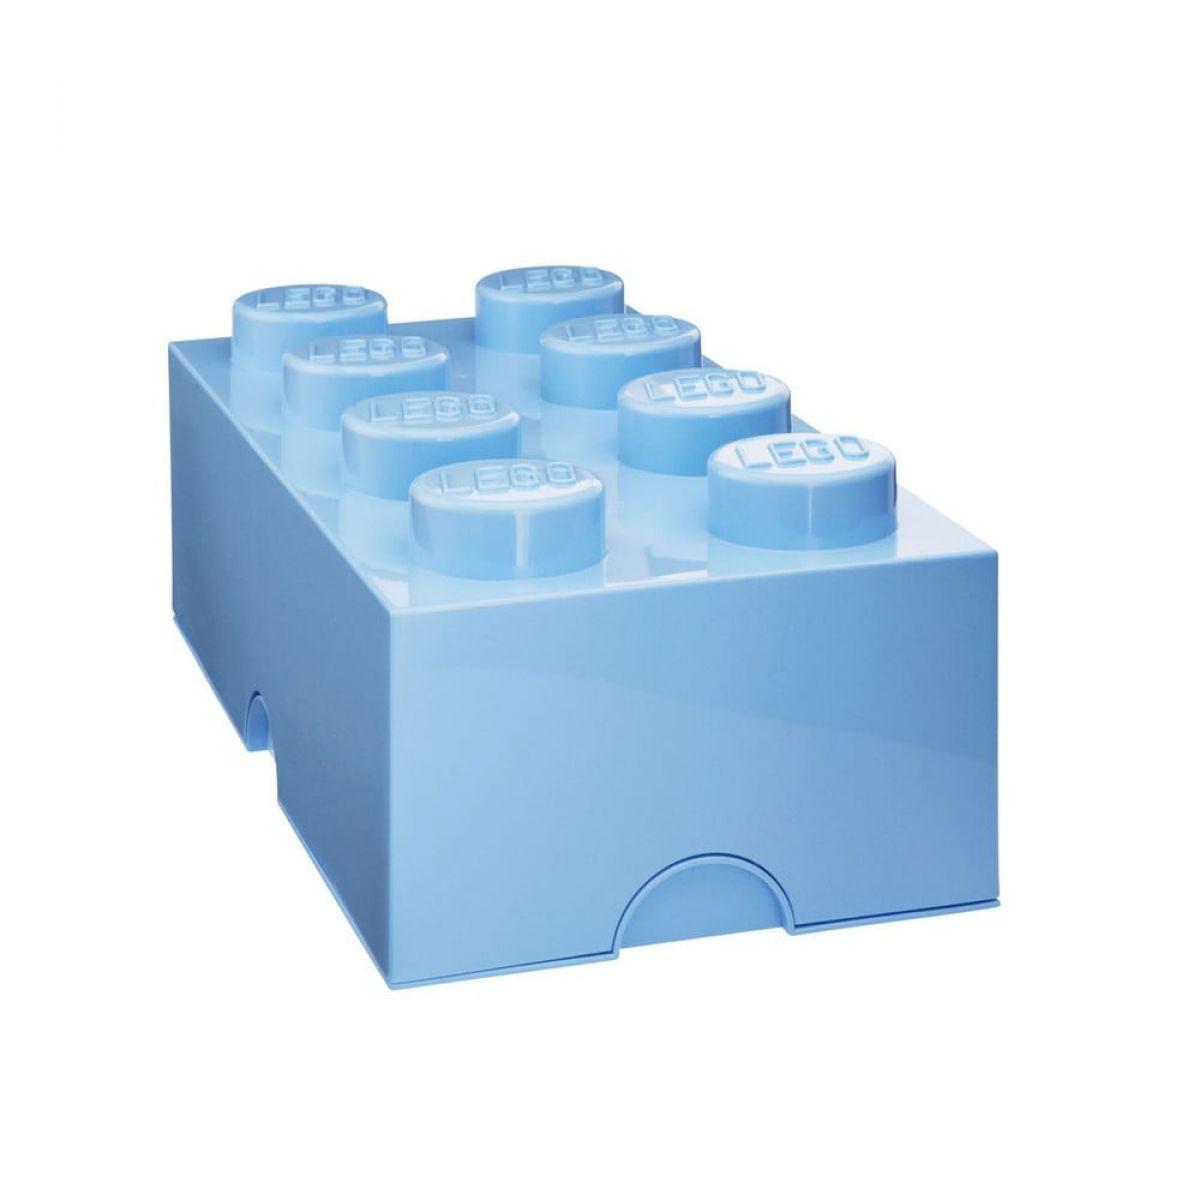 LEGO Úložný box 25 x 50 x 18 cm Světle modrá